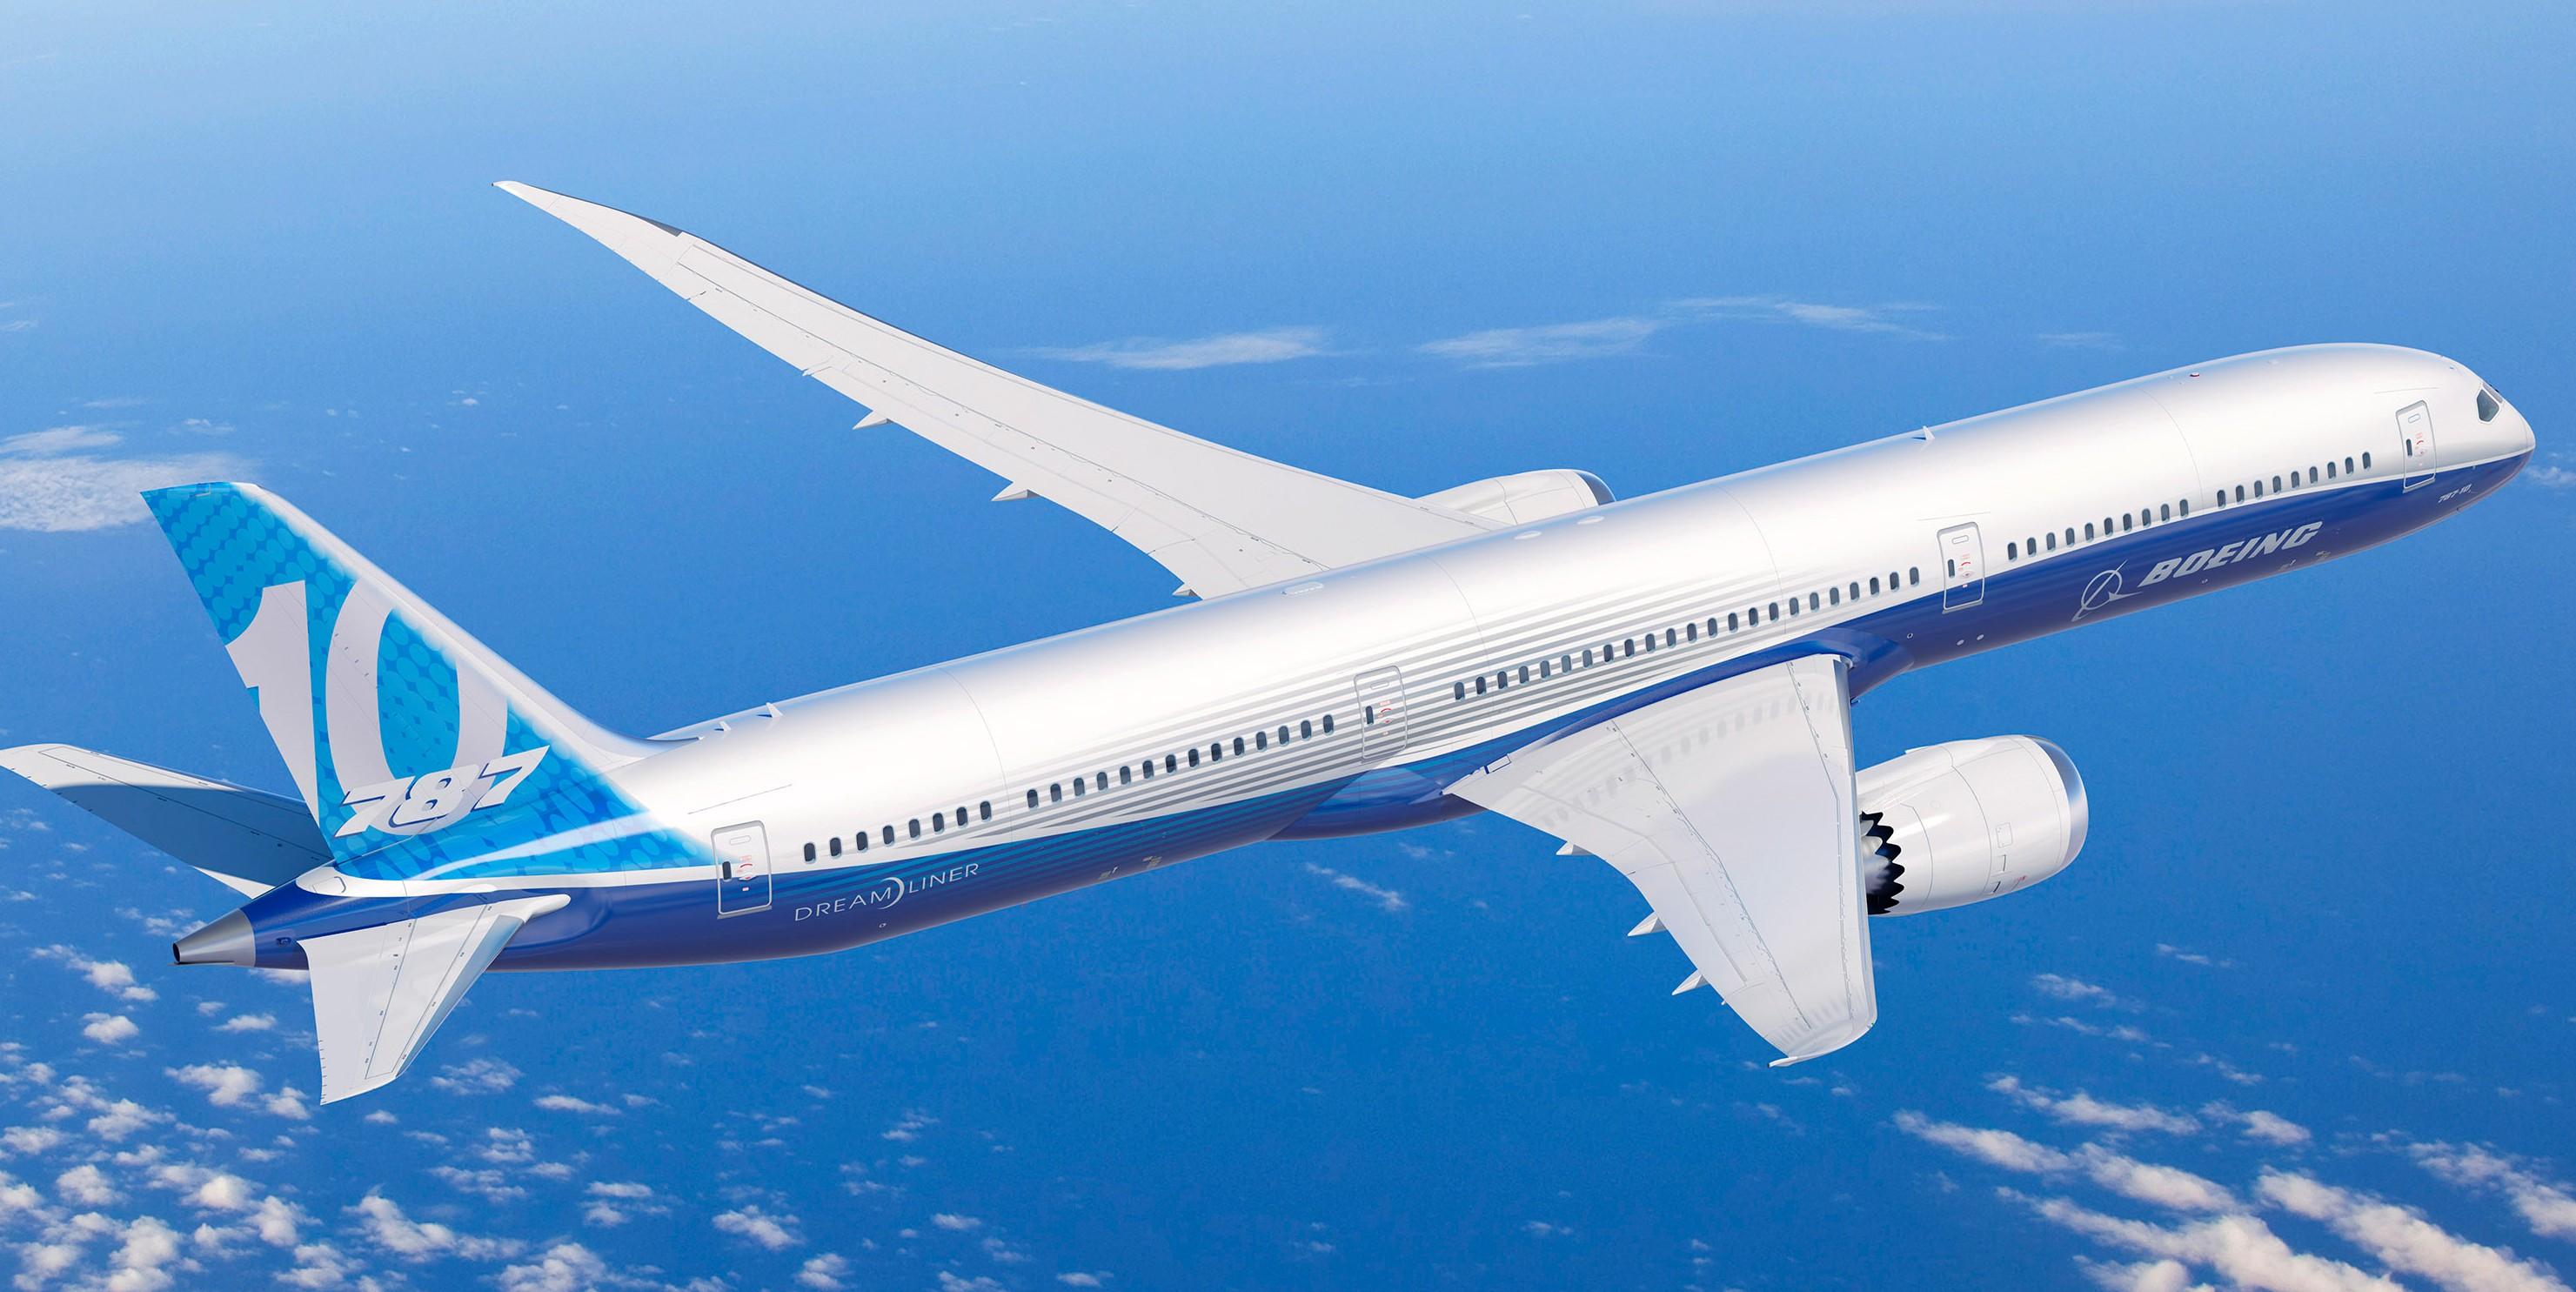 Boeing completa el diseño del nuevo 787-10 'Dreamliner', cuyo montaje iniciará en 2016